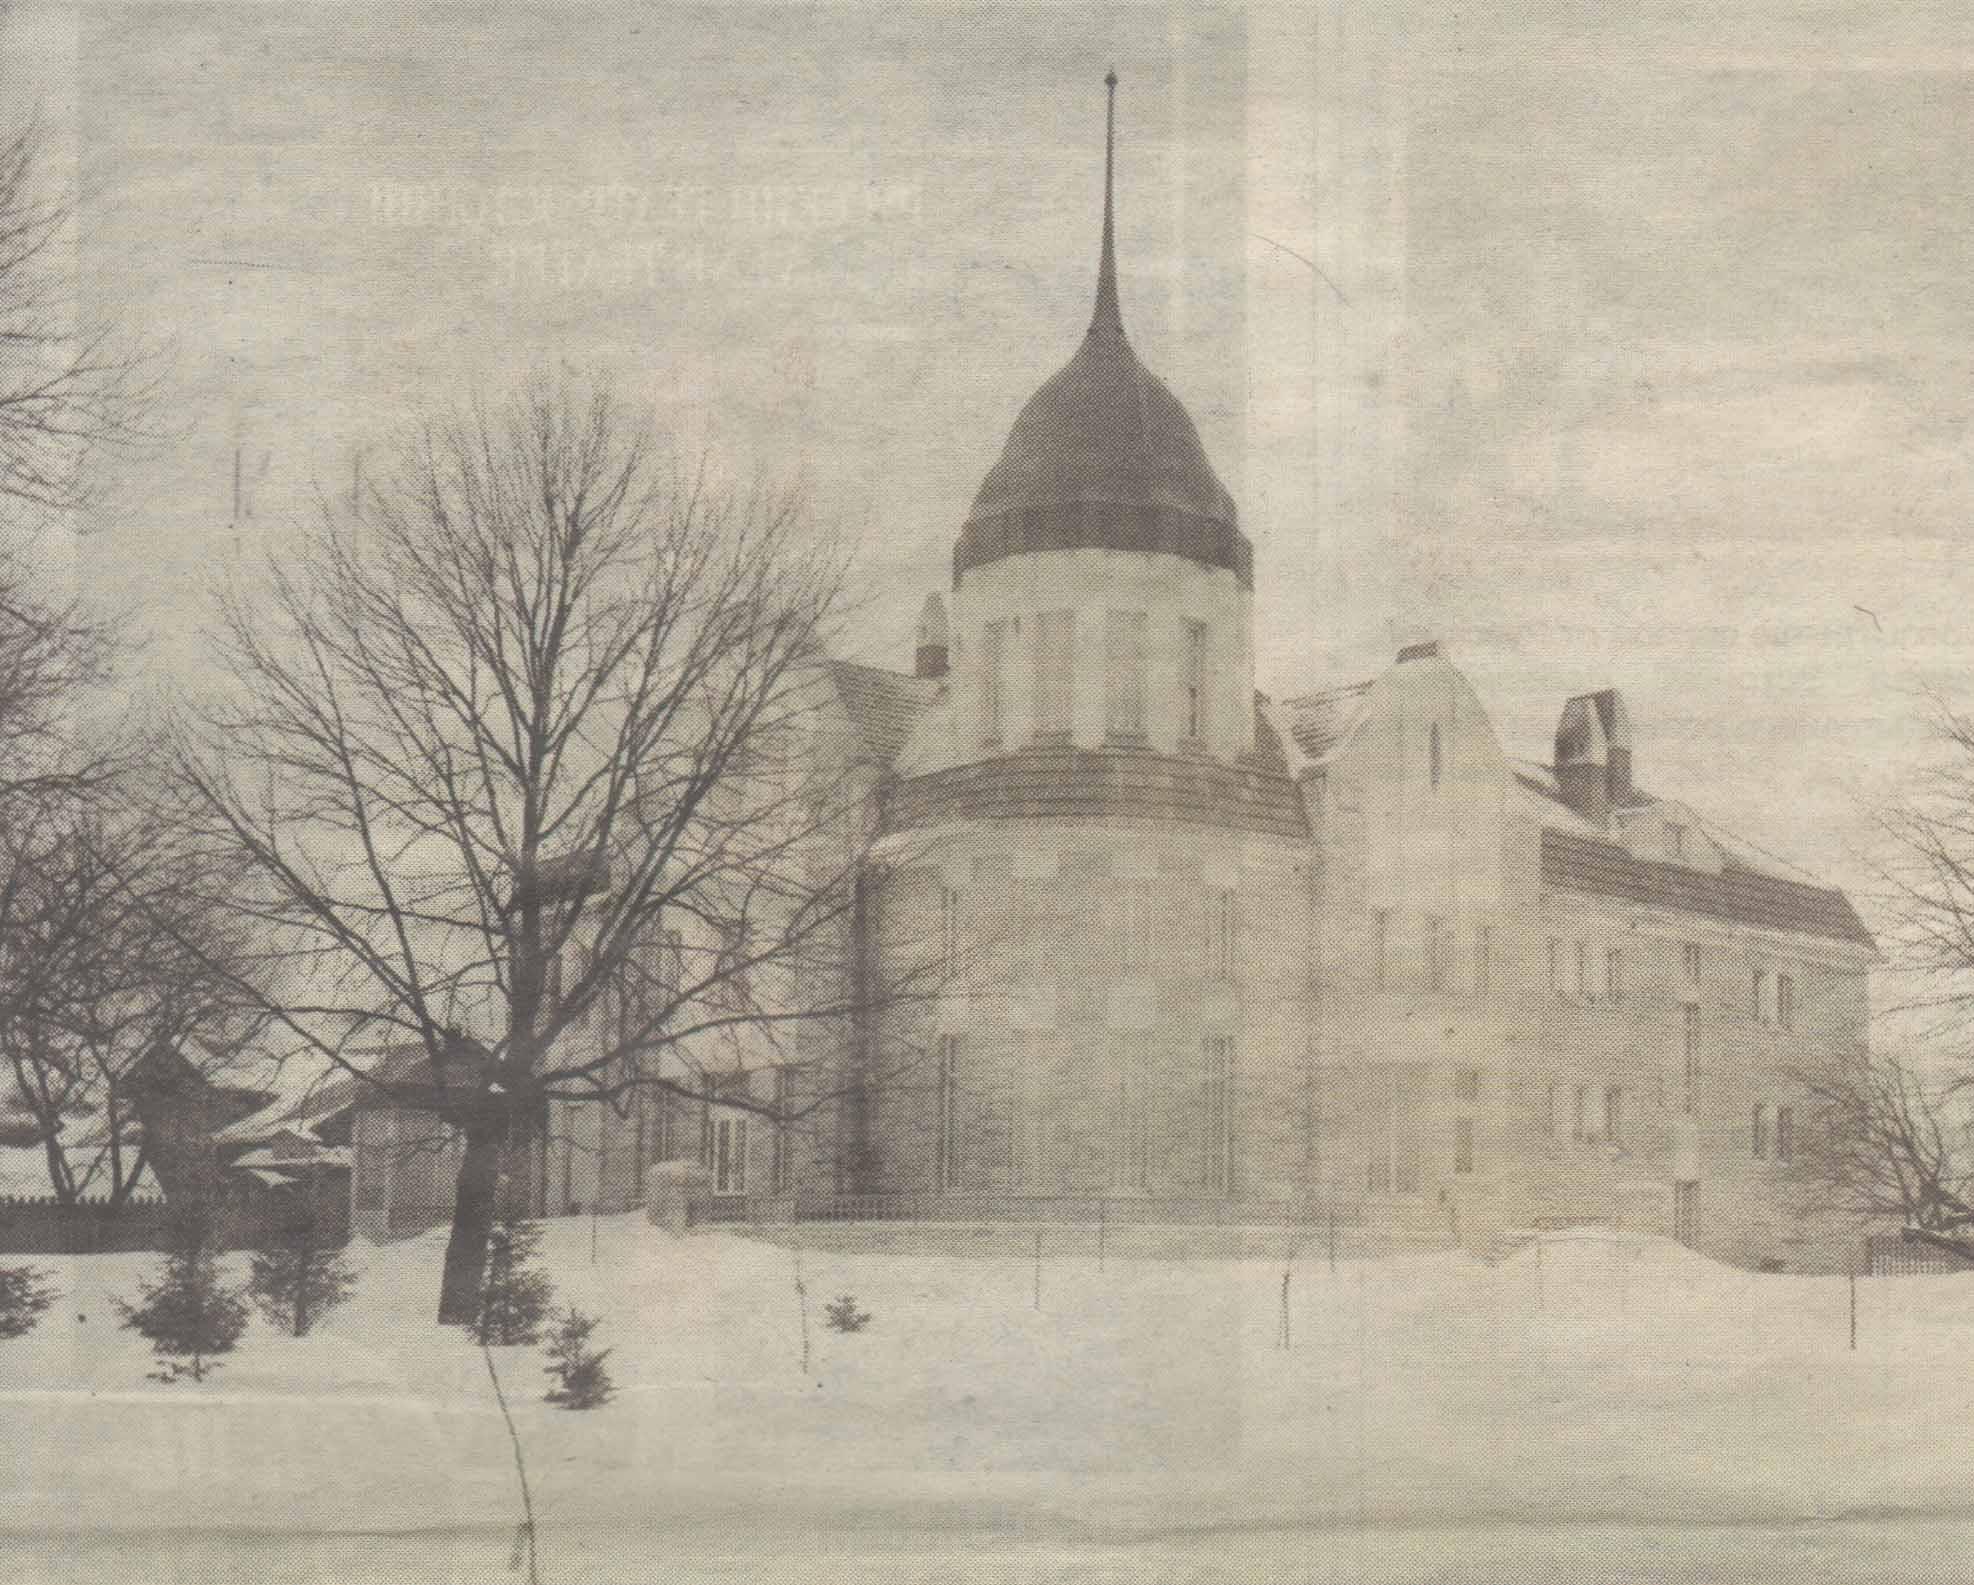 Особняк Лютера до марта 1944 года. Видна утраченная форма венчающего башню шлема.